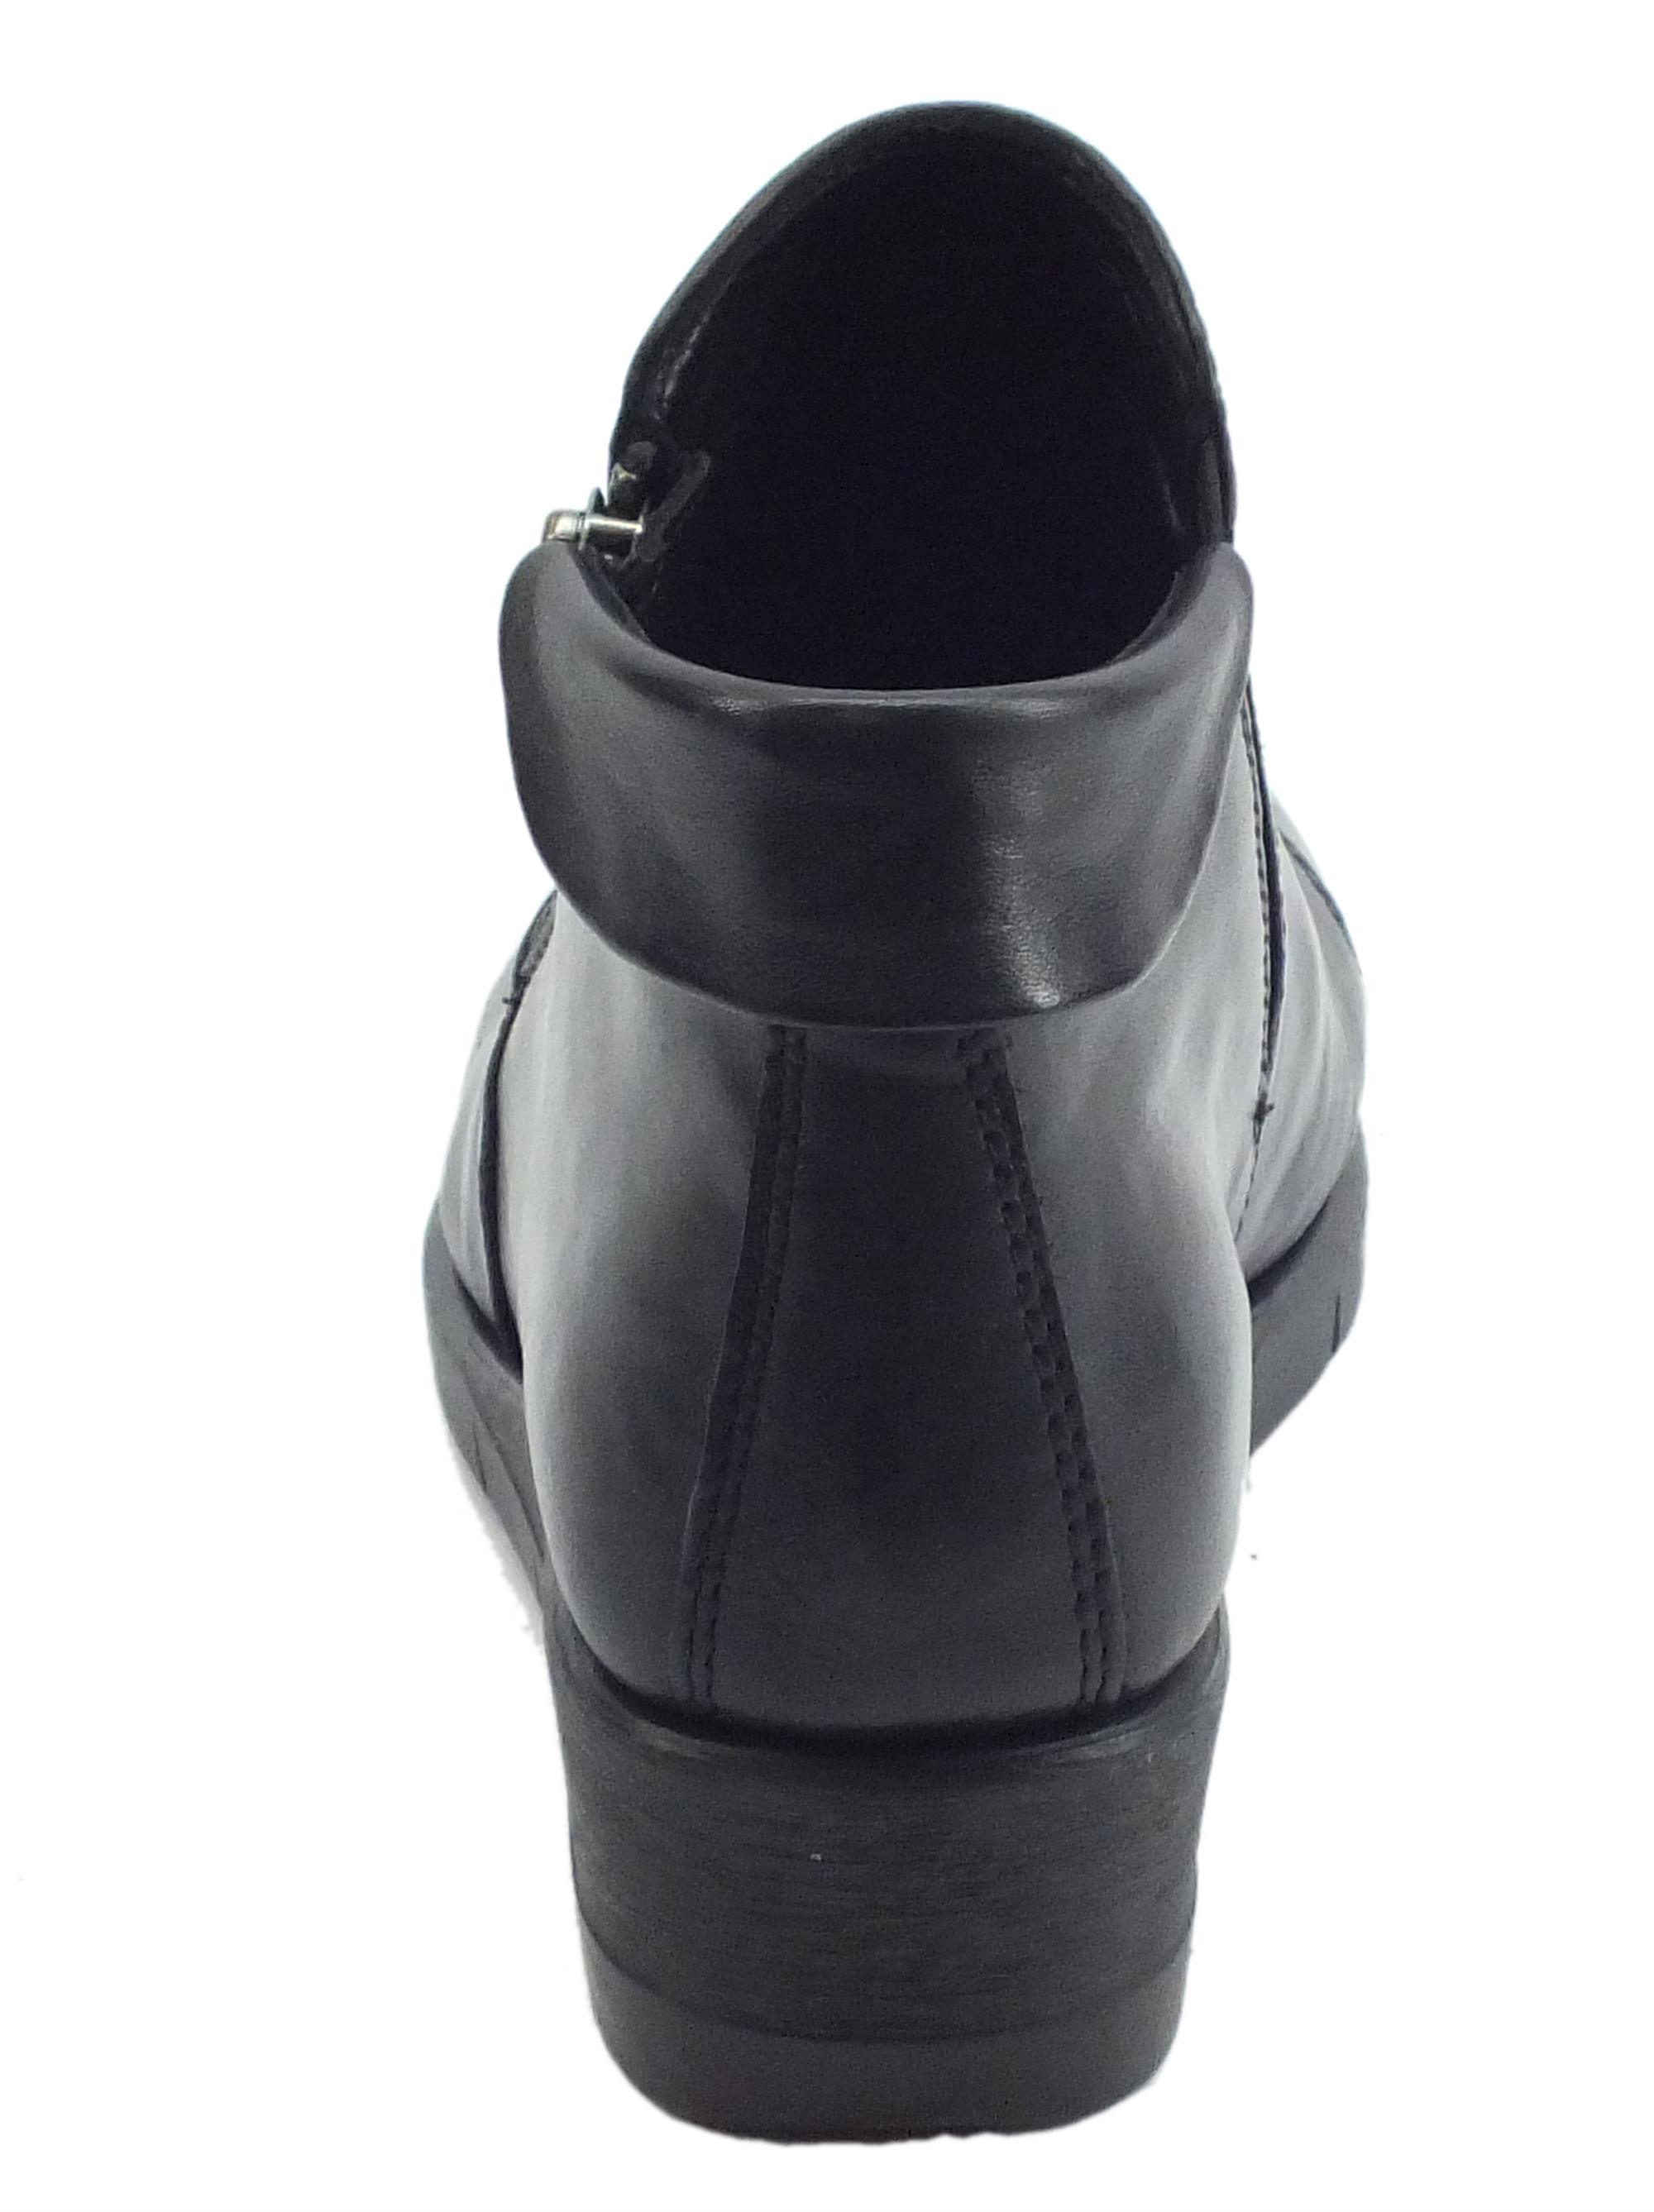 Tronchetti Cinzia Soft pelle nera lampo risvolto - Vitiello Calzature 5b9db6c5959